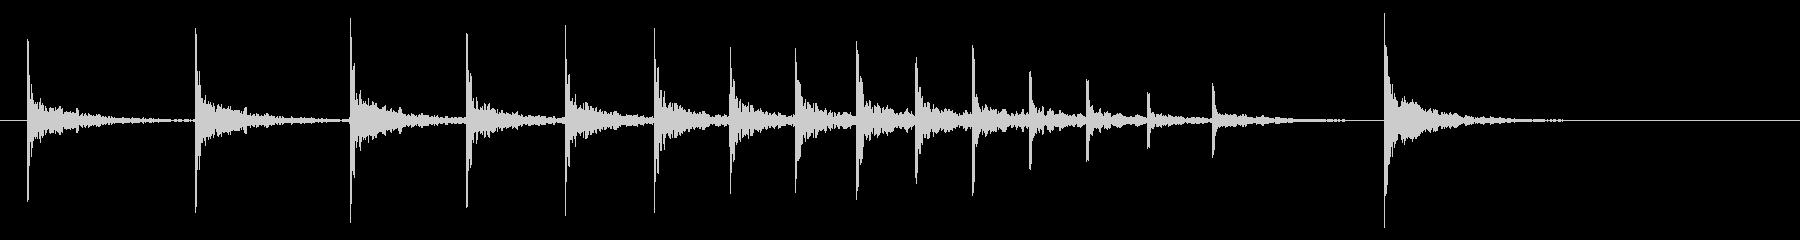 拍子木02-4の未再生の波形